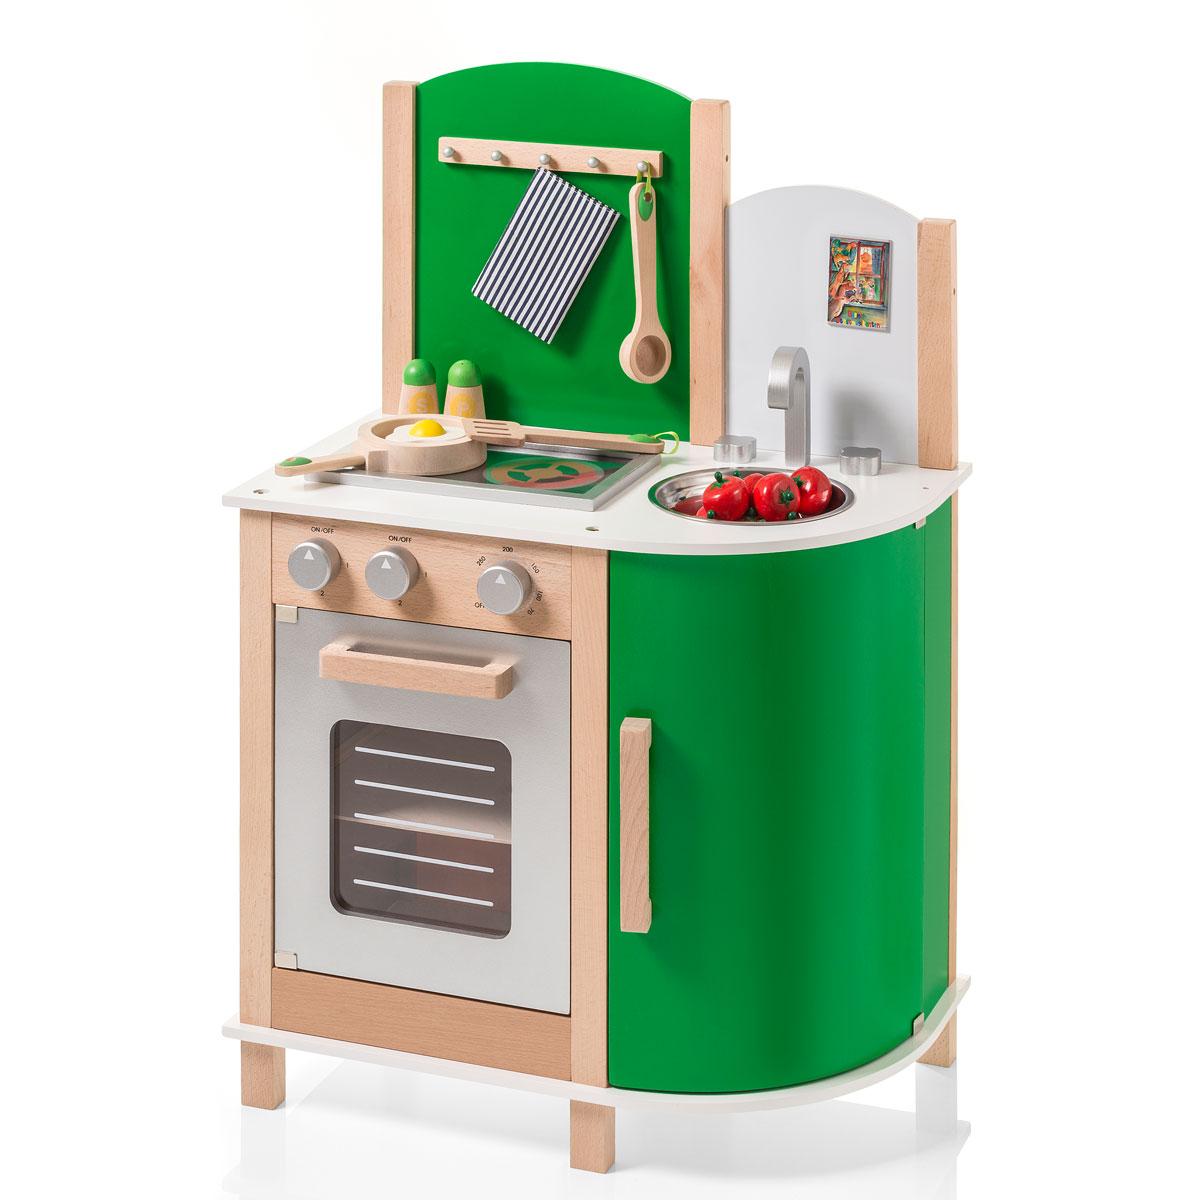 SUN 4132 Kinderküche grün aus robustem Holz mit Kochfeld und Ofen - Sun